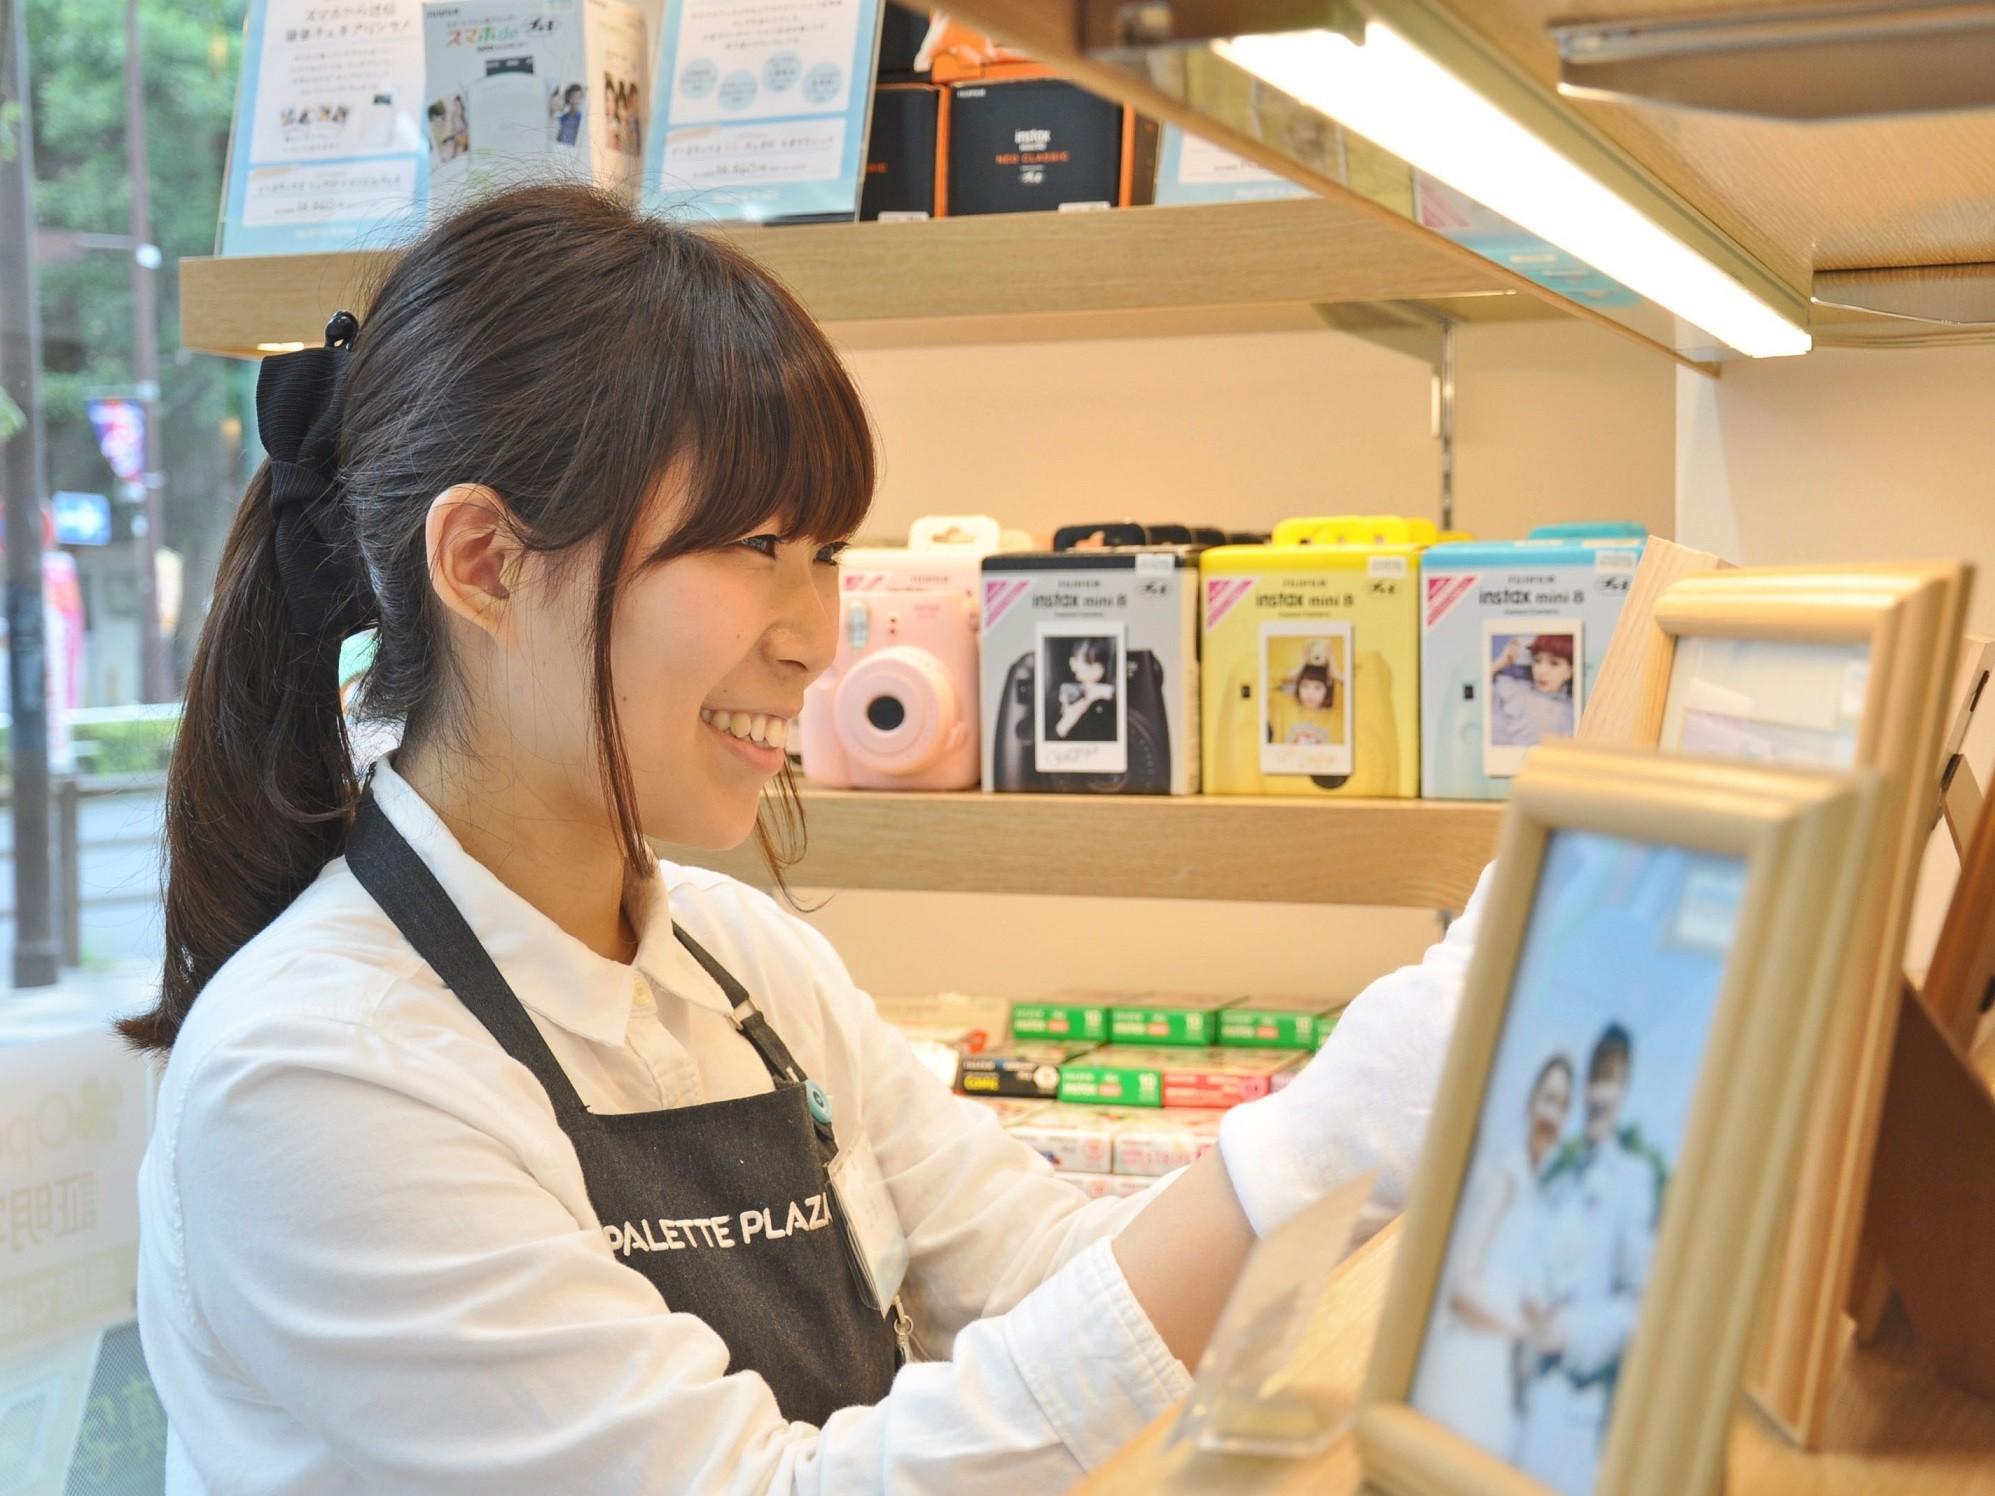 パレットプラザ 石神井公園ピアレス店<短期募集>のアルバイト情報